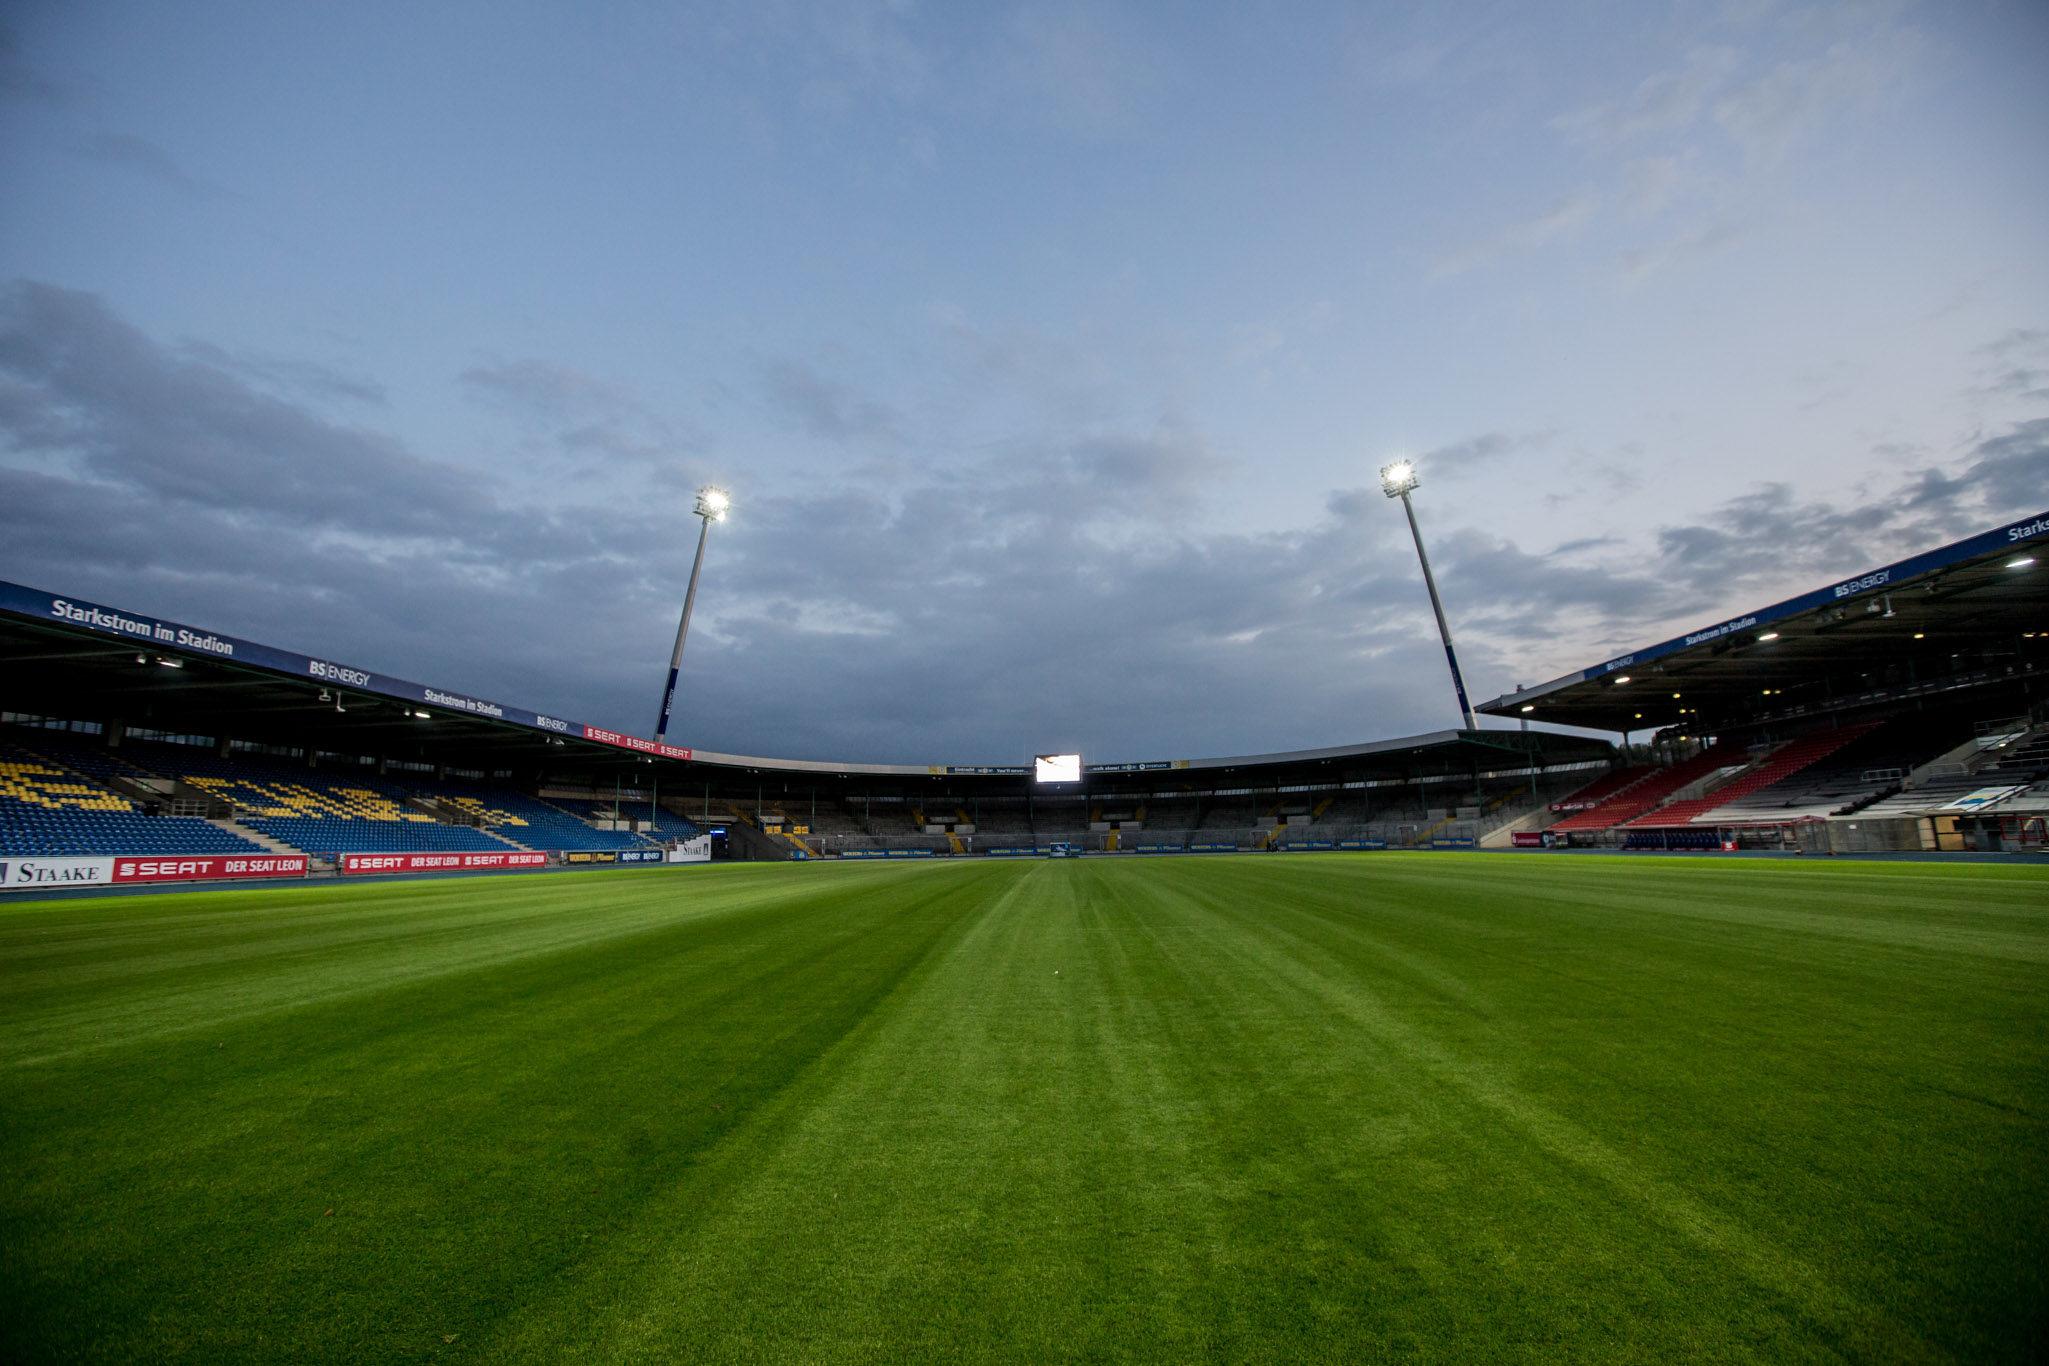 Eintracht Stadion Braunschweig